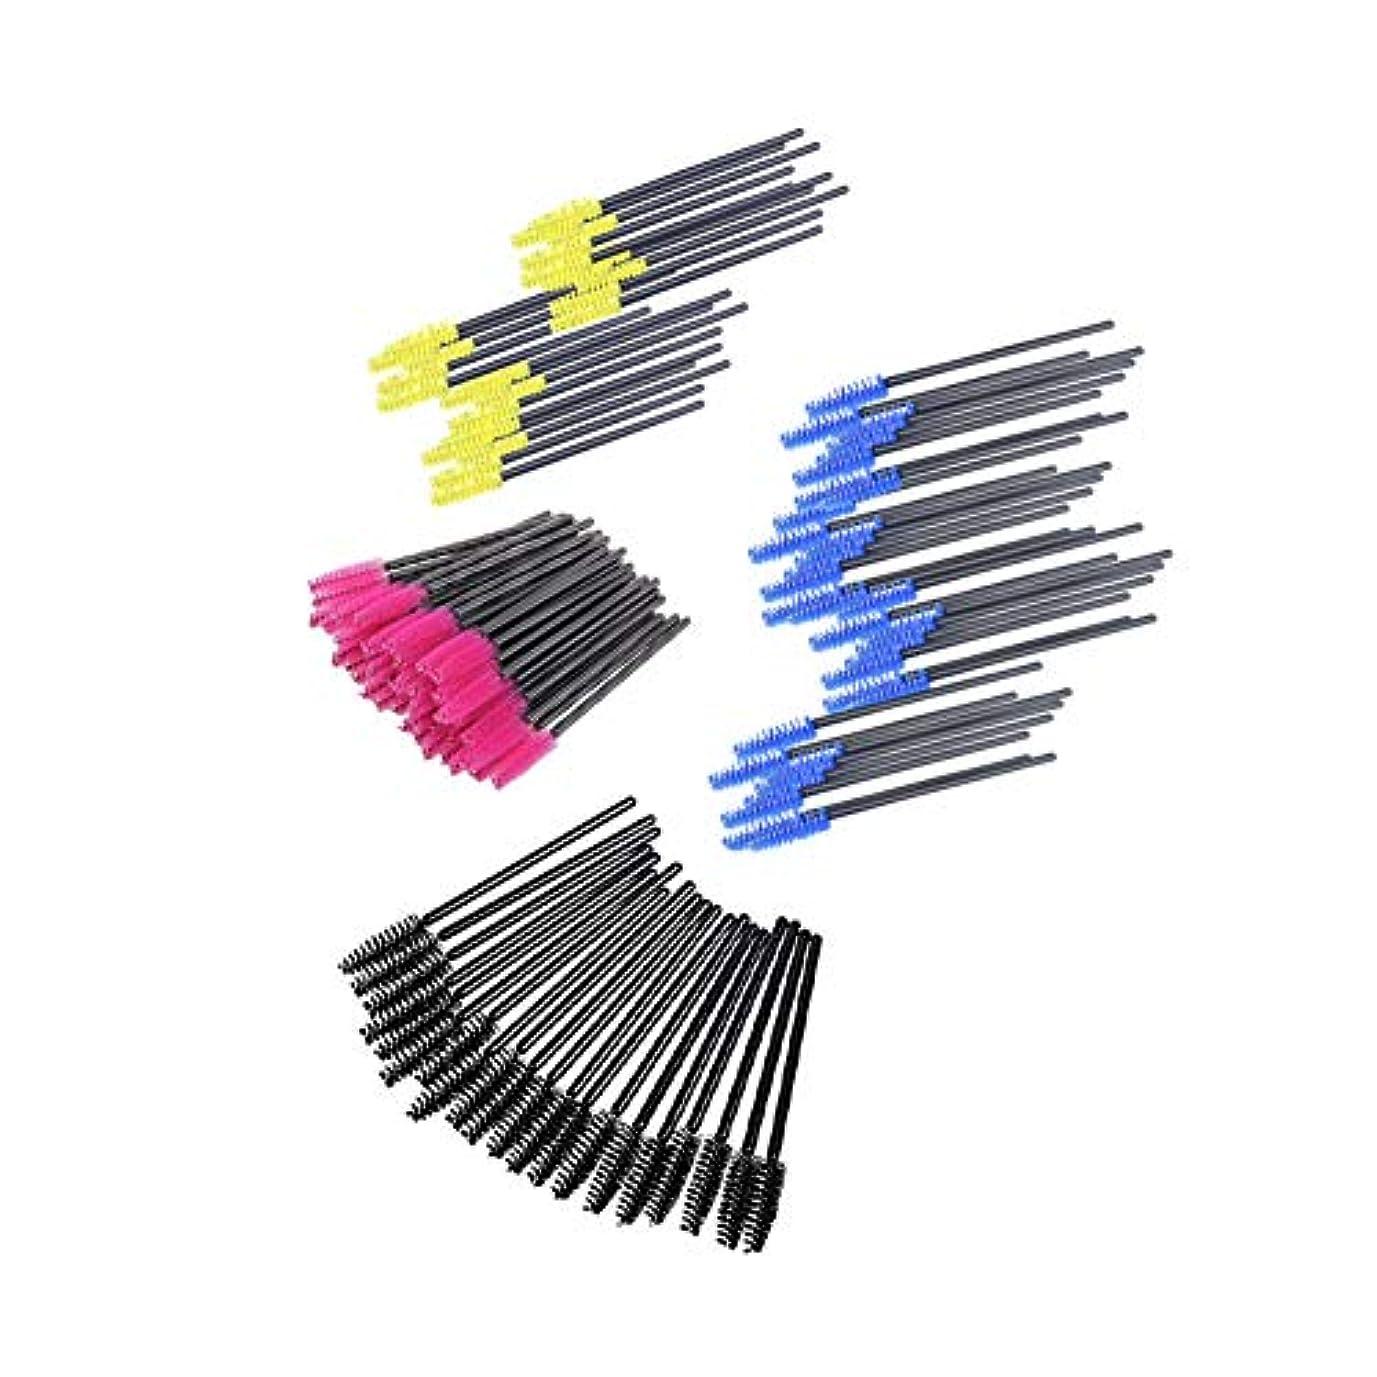 存在するカストディアンファーザーファージュ200使い捨てまつげマスカラブラシカラー化粧品アプリケーターのまつげ化粧修復トークン黄/黒/赤/青のバラ